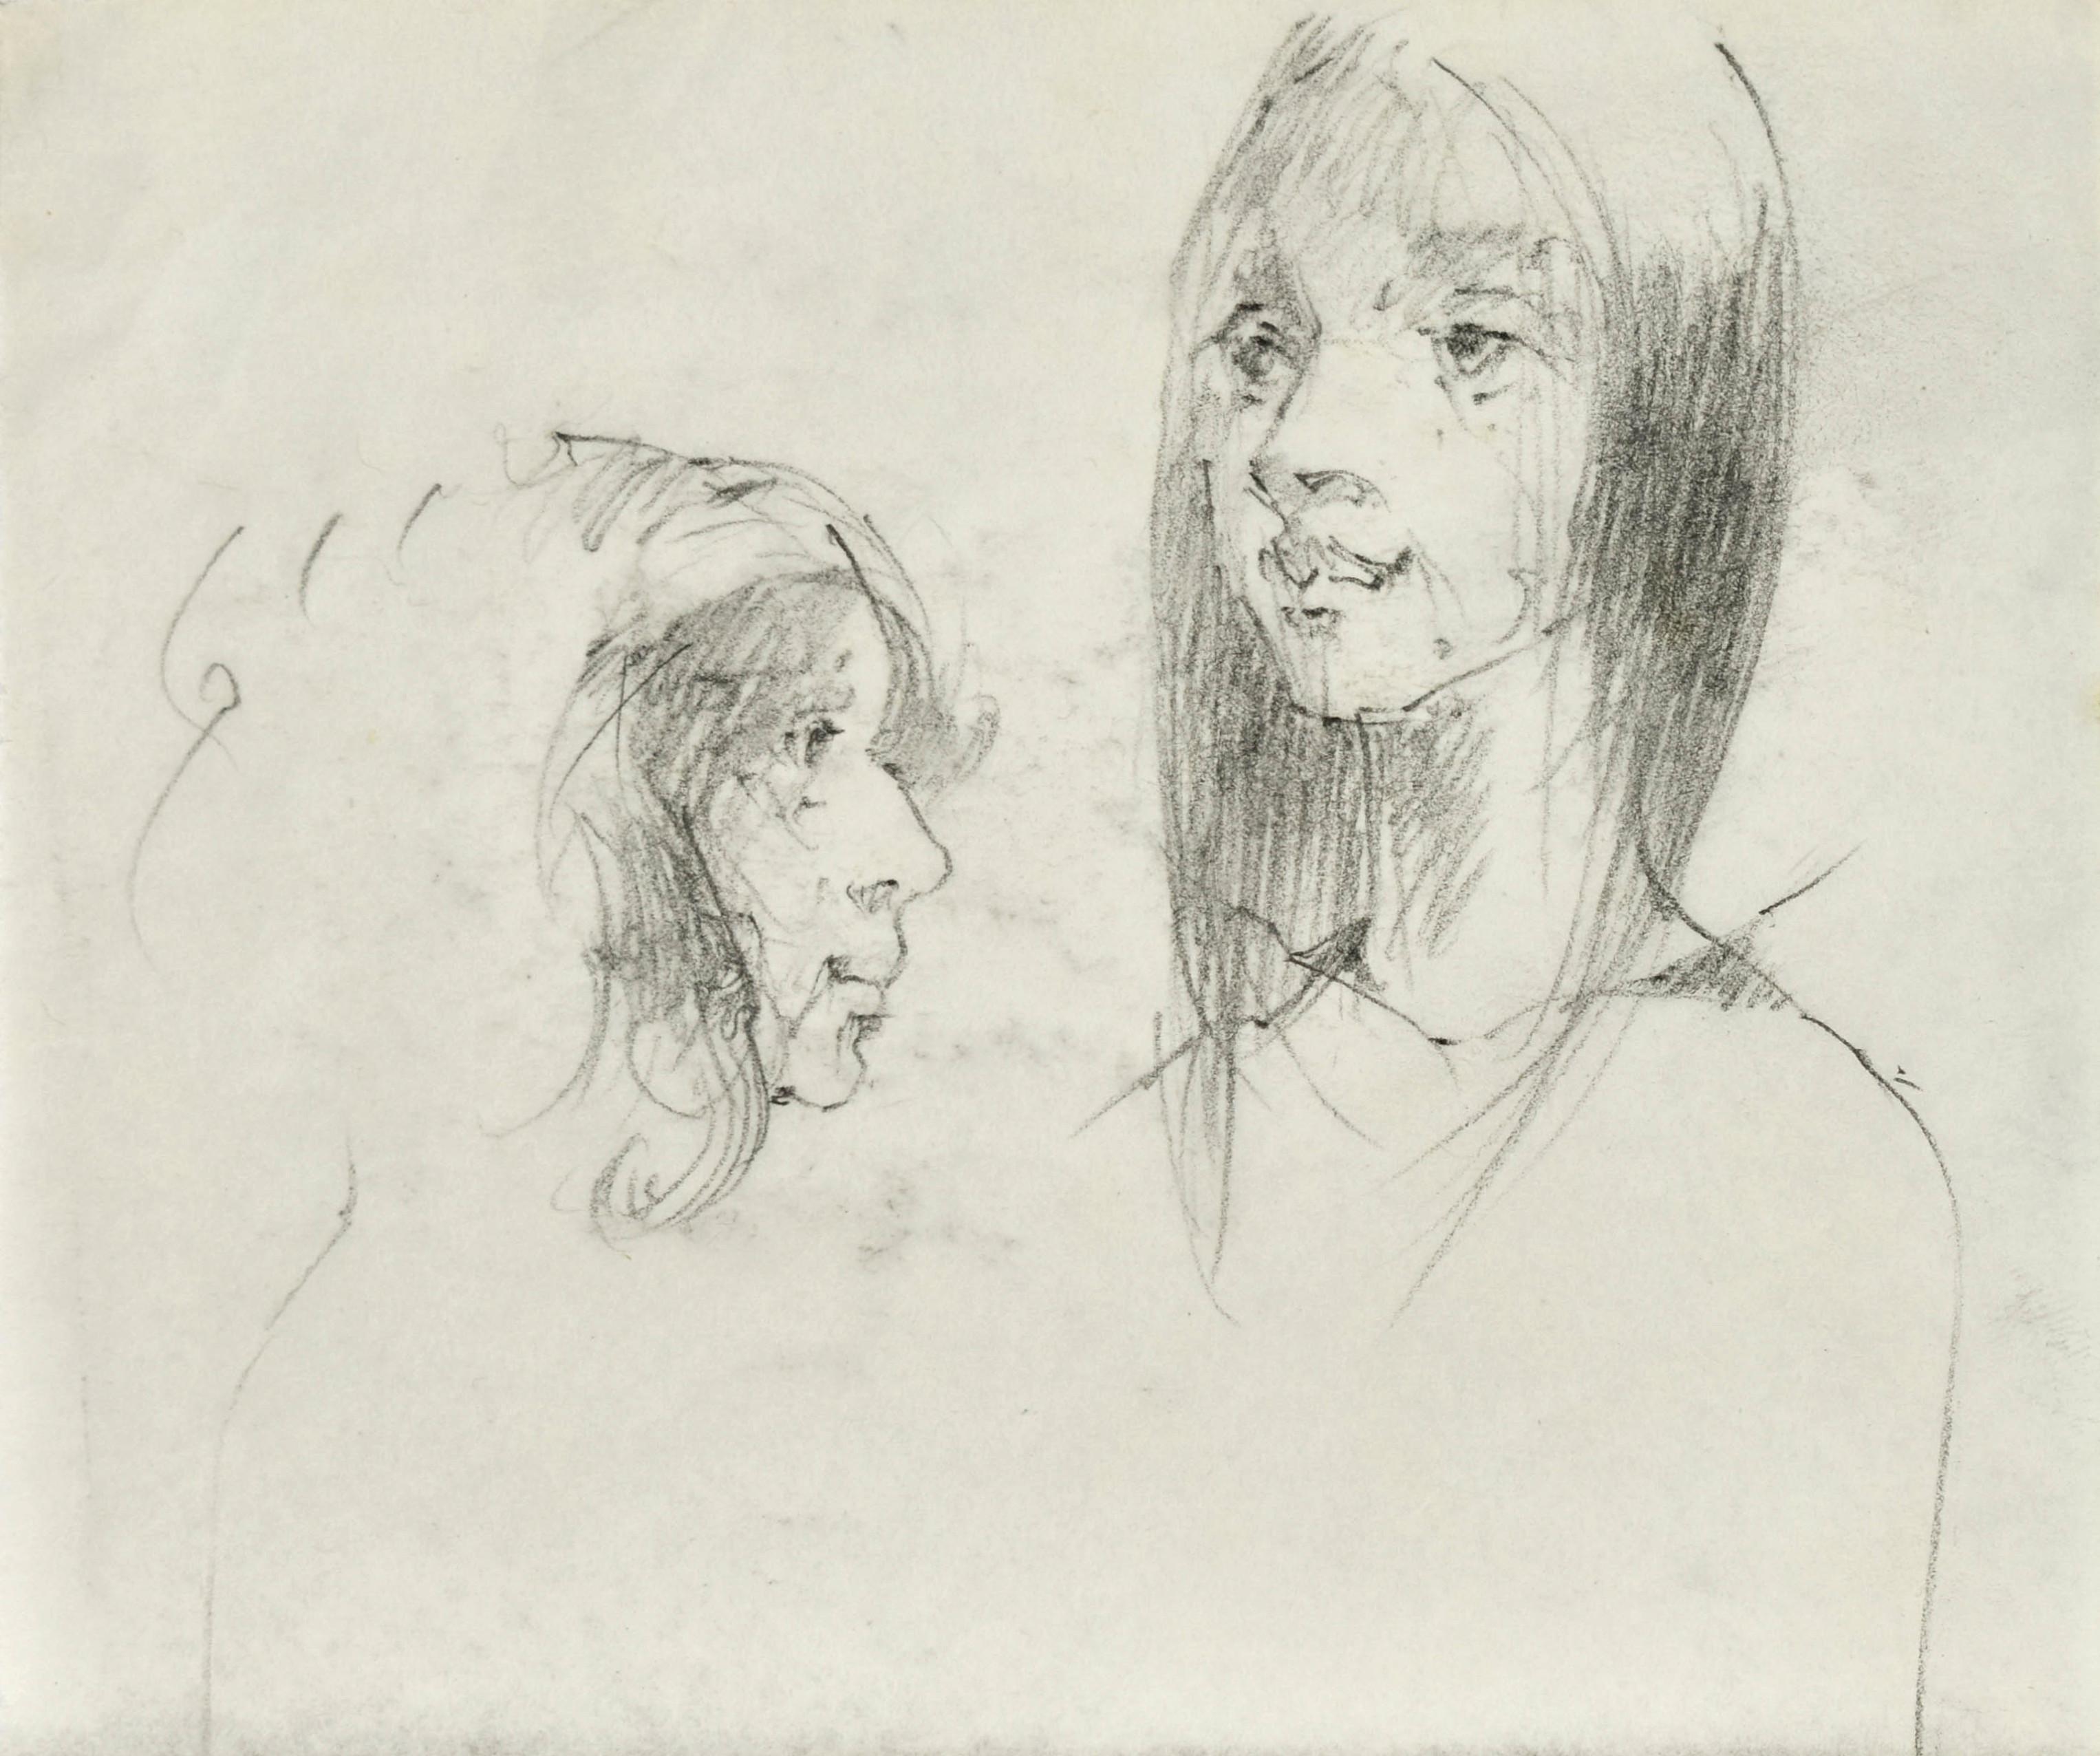 Szkice twarzy młodej kobiety w dwóch ujęciach